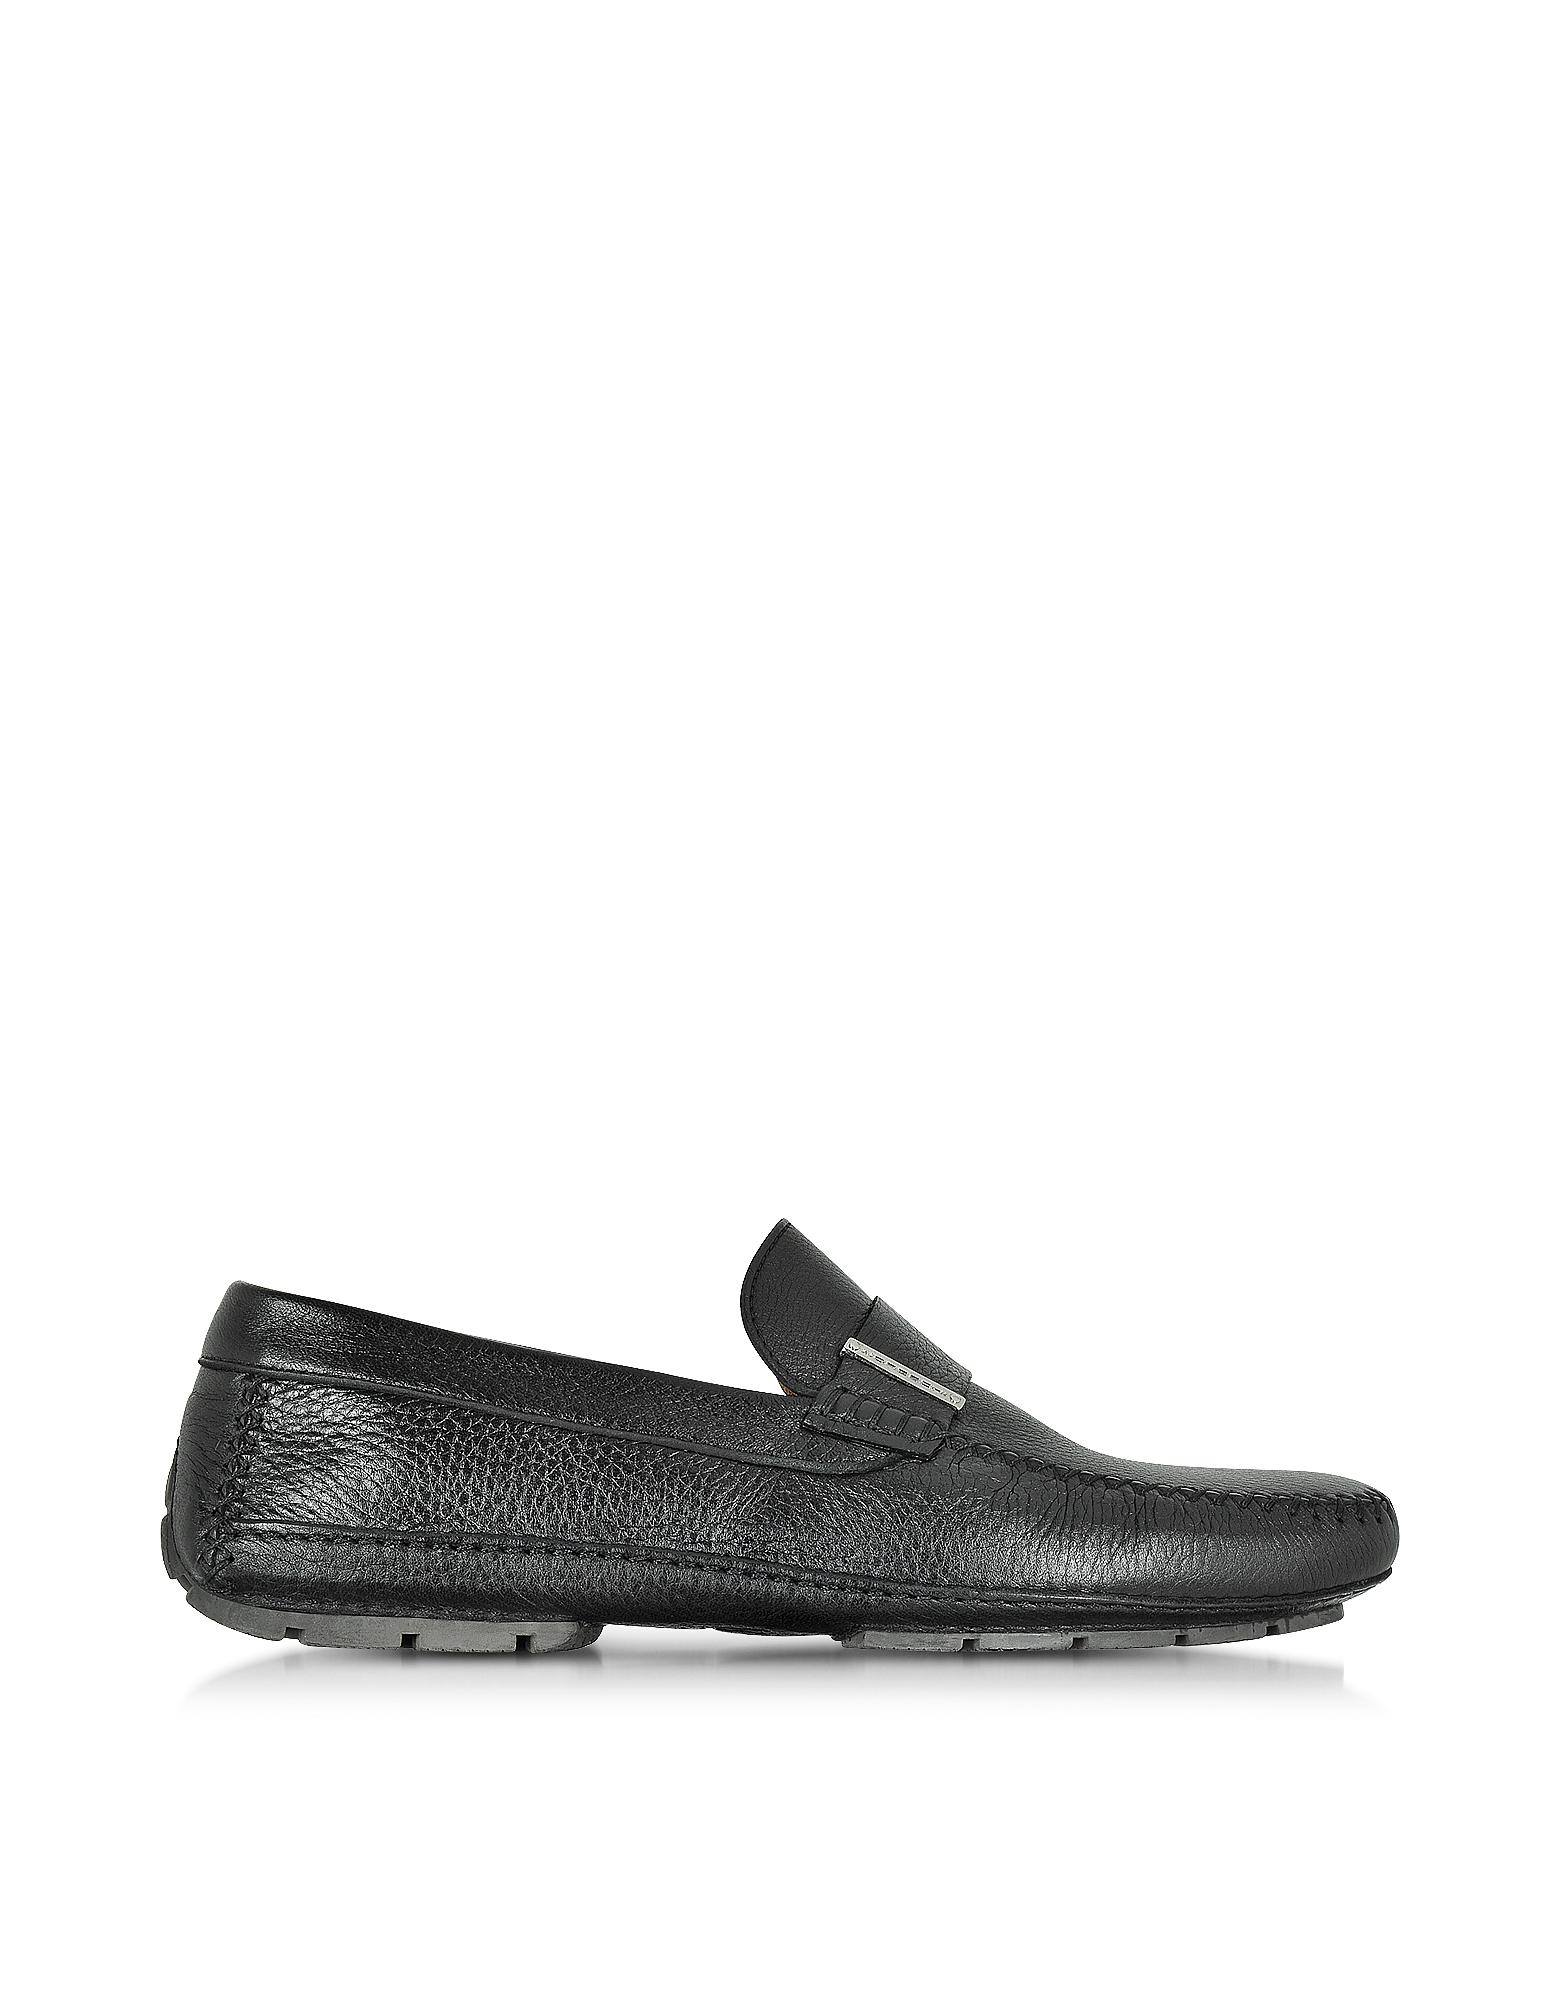 Фото Miami - Черные Туфли для Вождения из Кожи Оленя с Резиновой Подошвой. Купить с доставкой